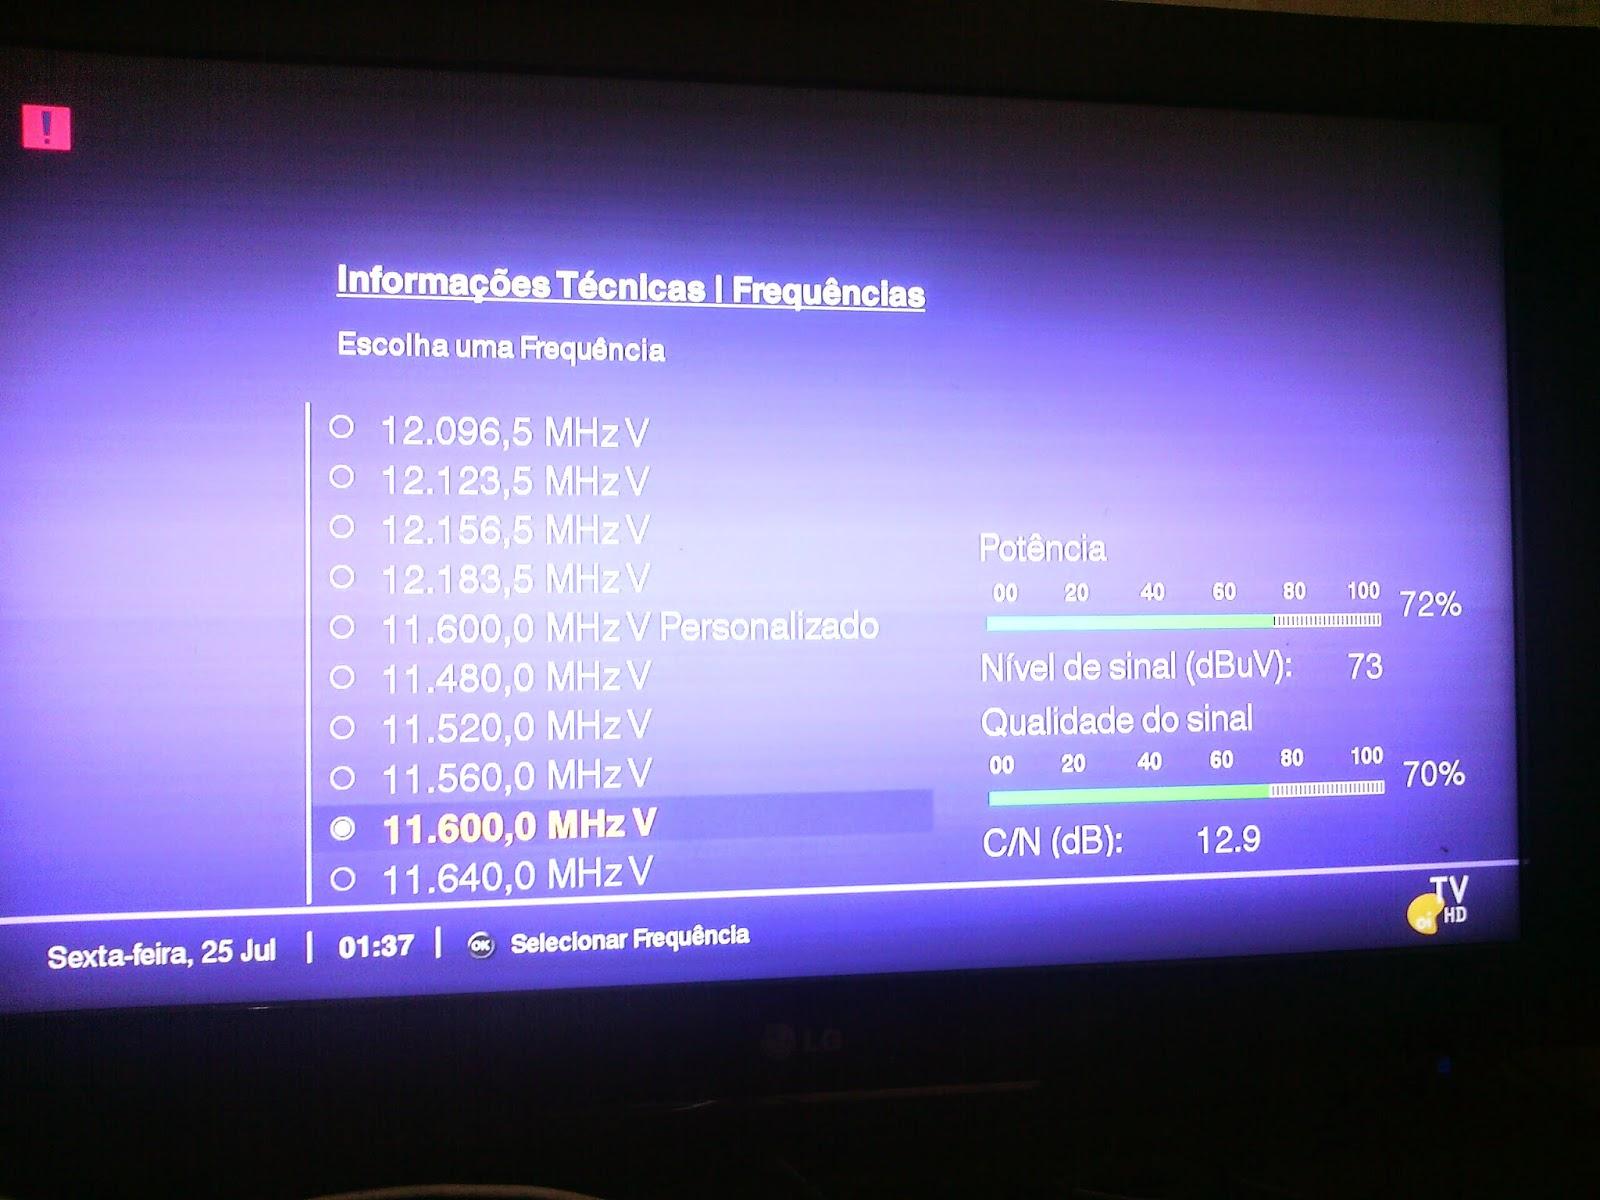 nível de sinal TP 11600 vertical satélite ses6